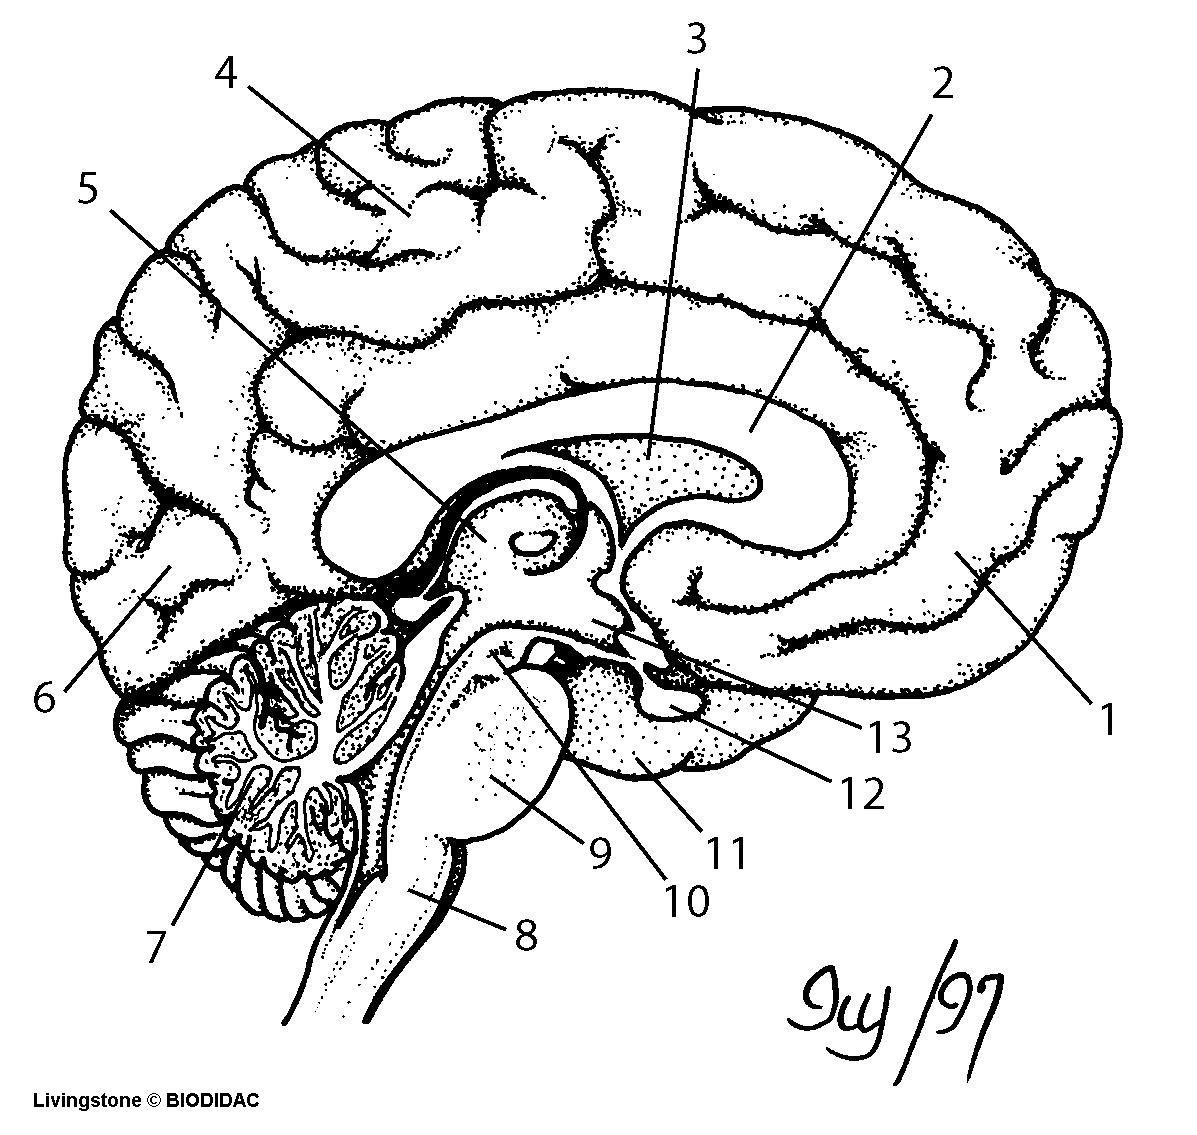 Drawn brains unlabelled  Sheet: Focus Neurology